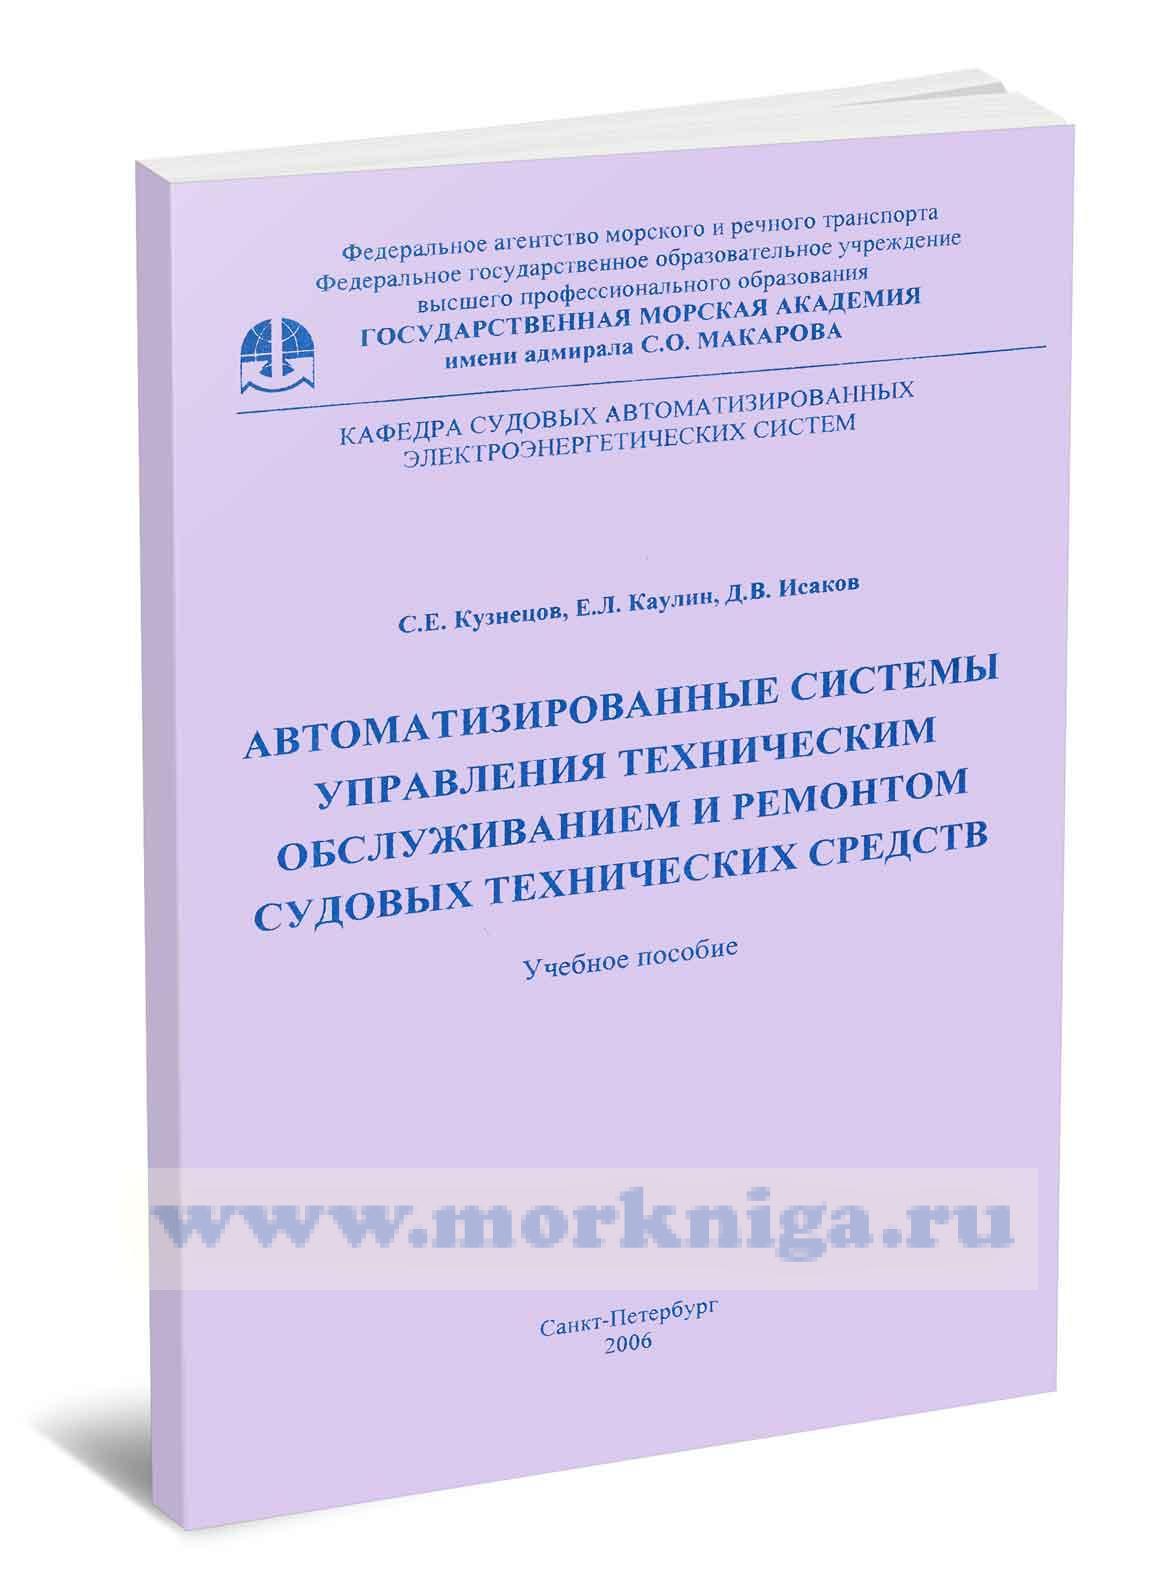 Автоматизированные системы управления техническим обслуживанием и ремонтом судовых технических средств